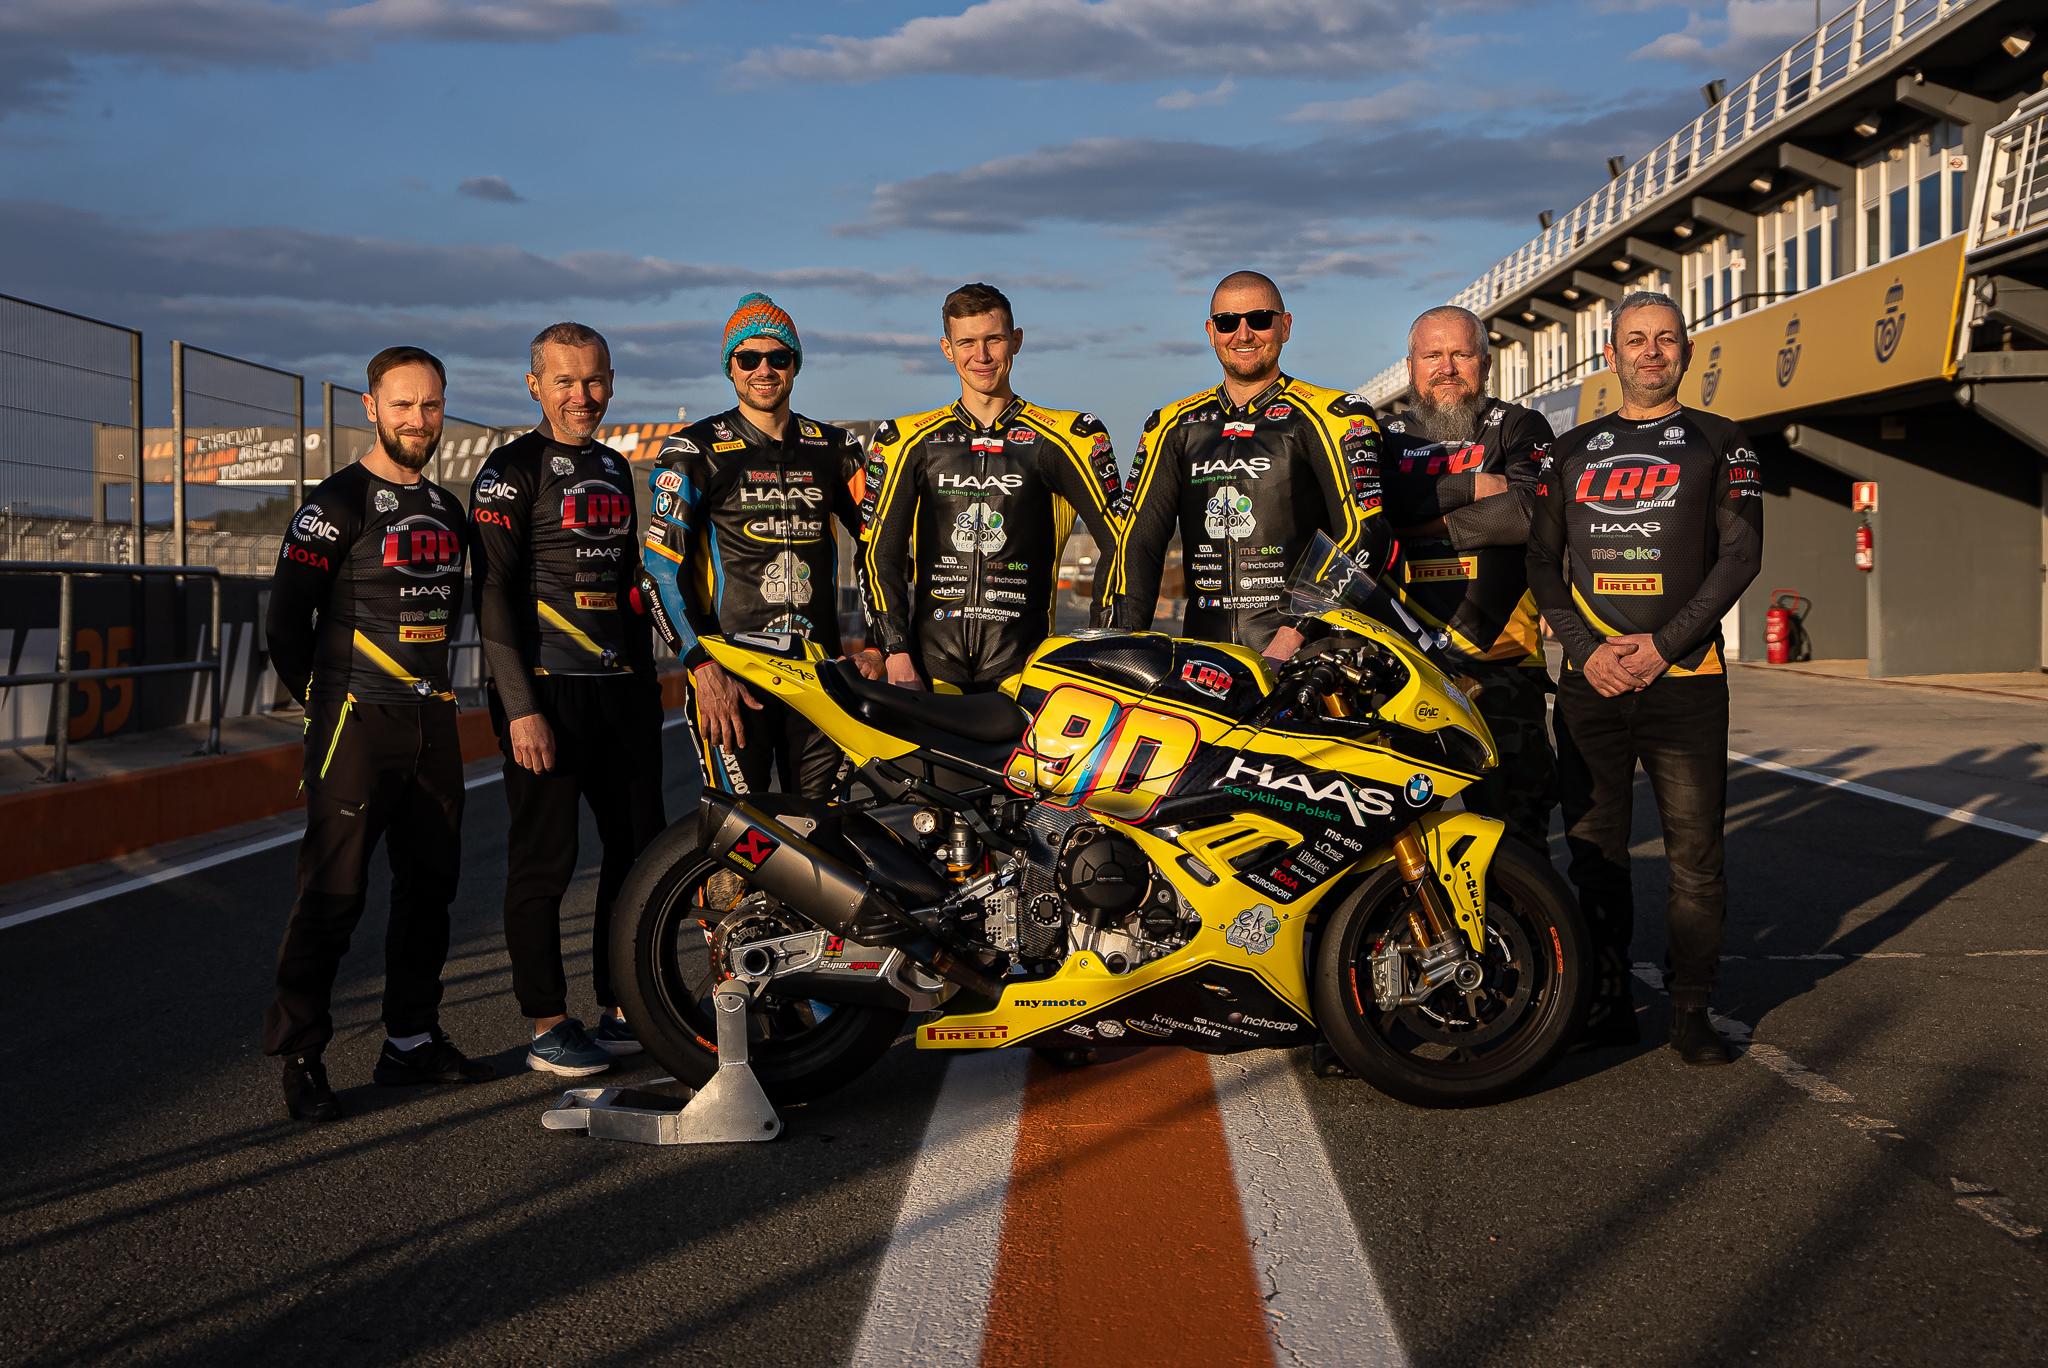 Team LRP Poland gotowy na 24 Heures du Mans